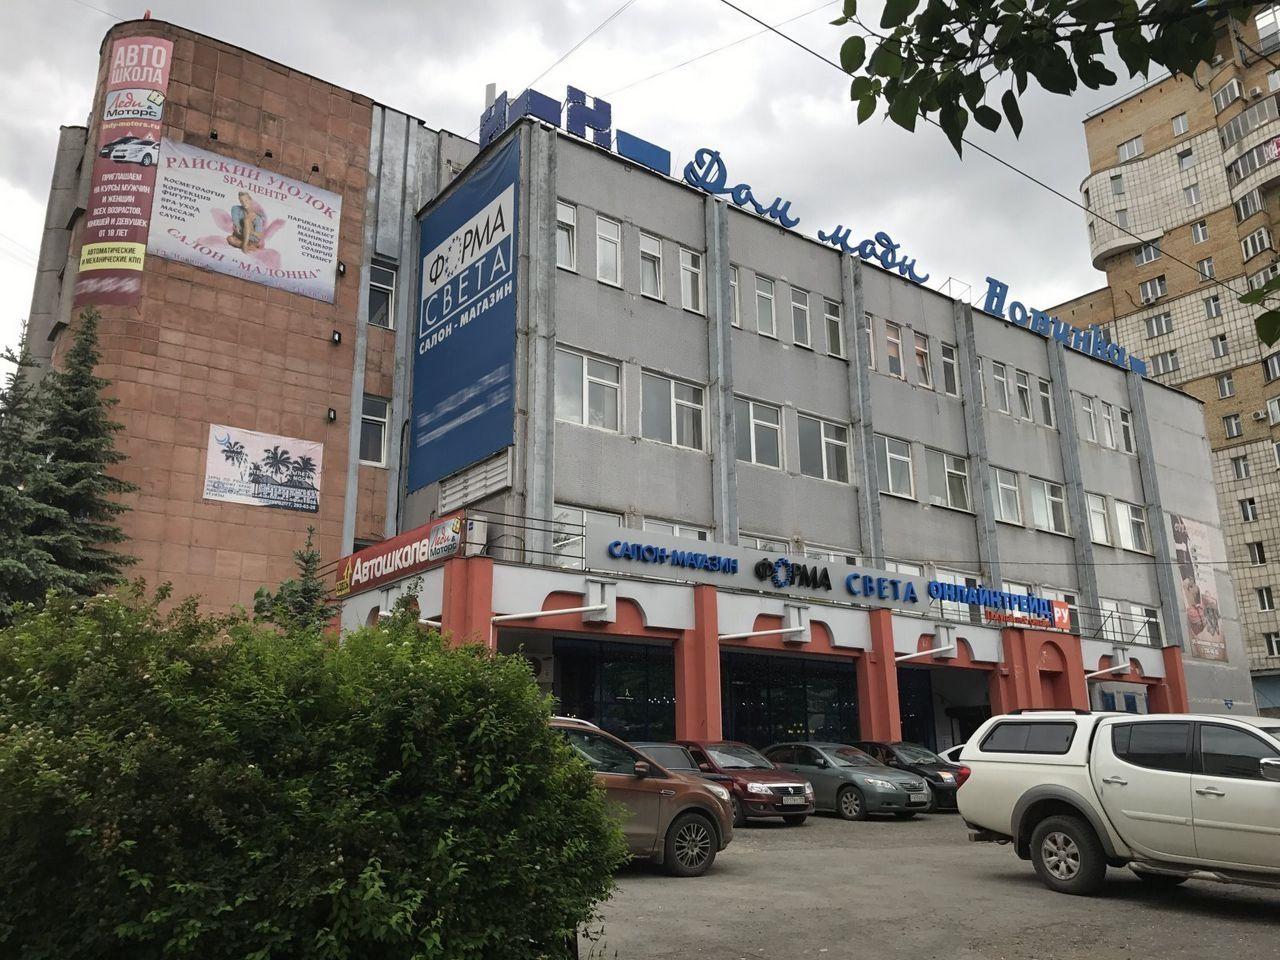 Коммерческая недвижимость аренда пермский торговый дом недвижимости коммерческая недвижимость люберцы продажа